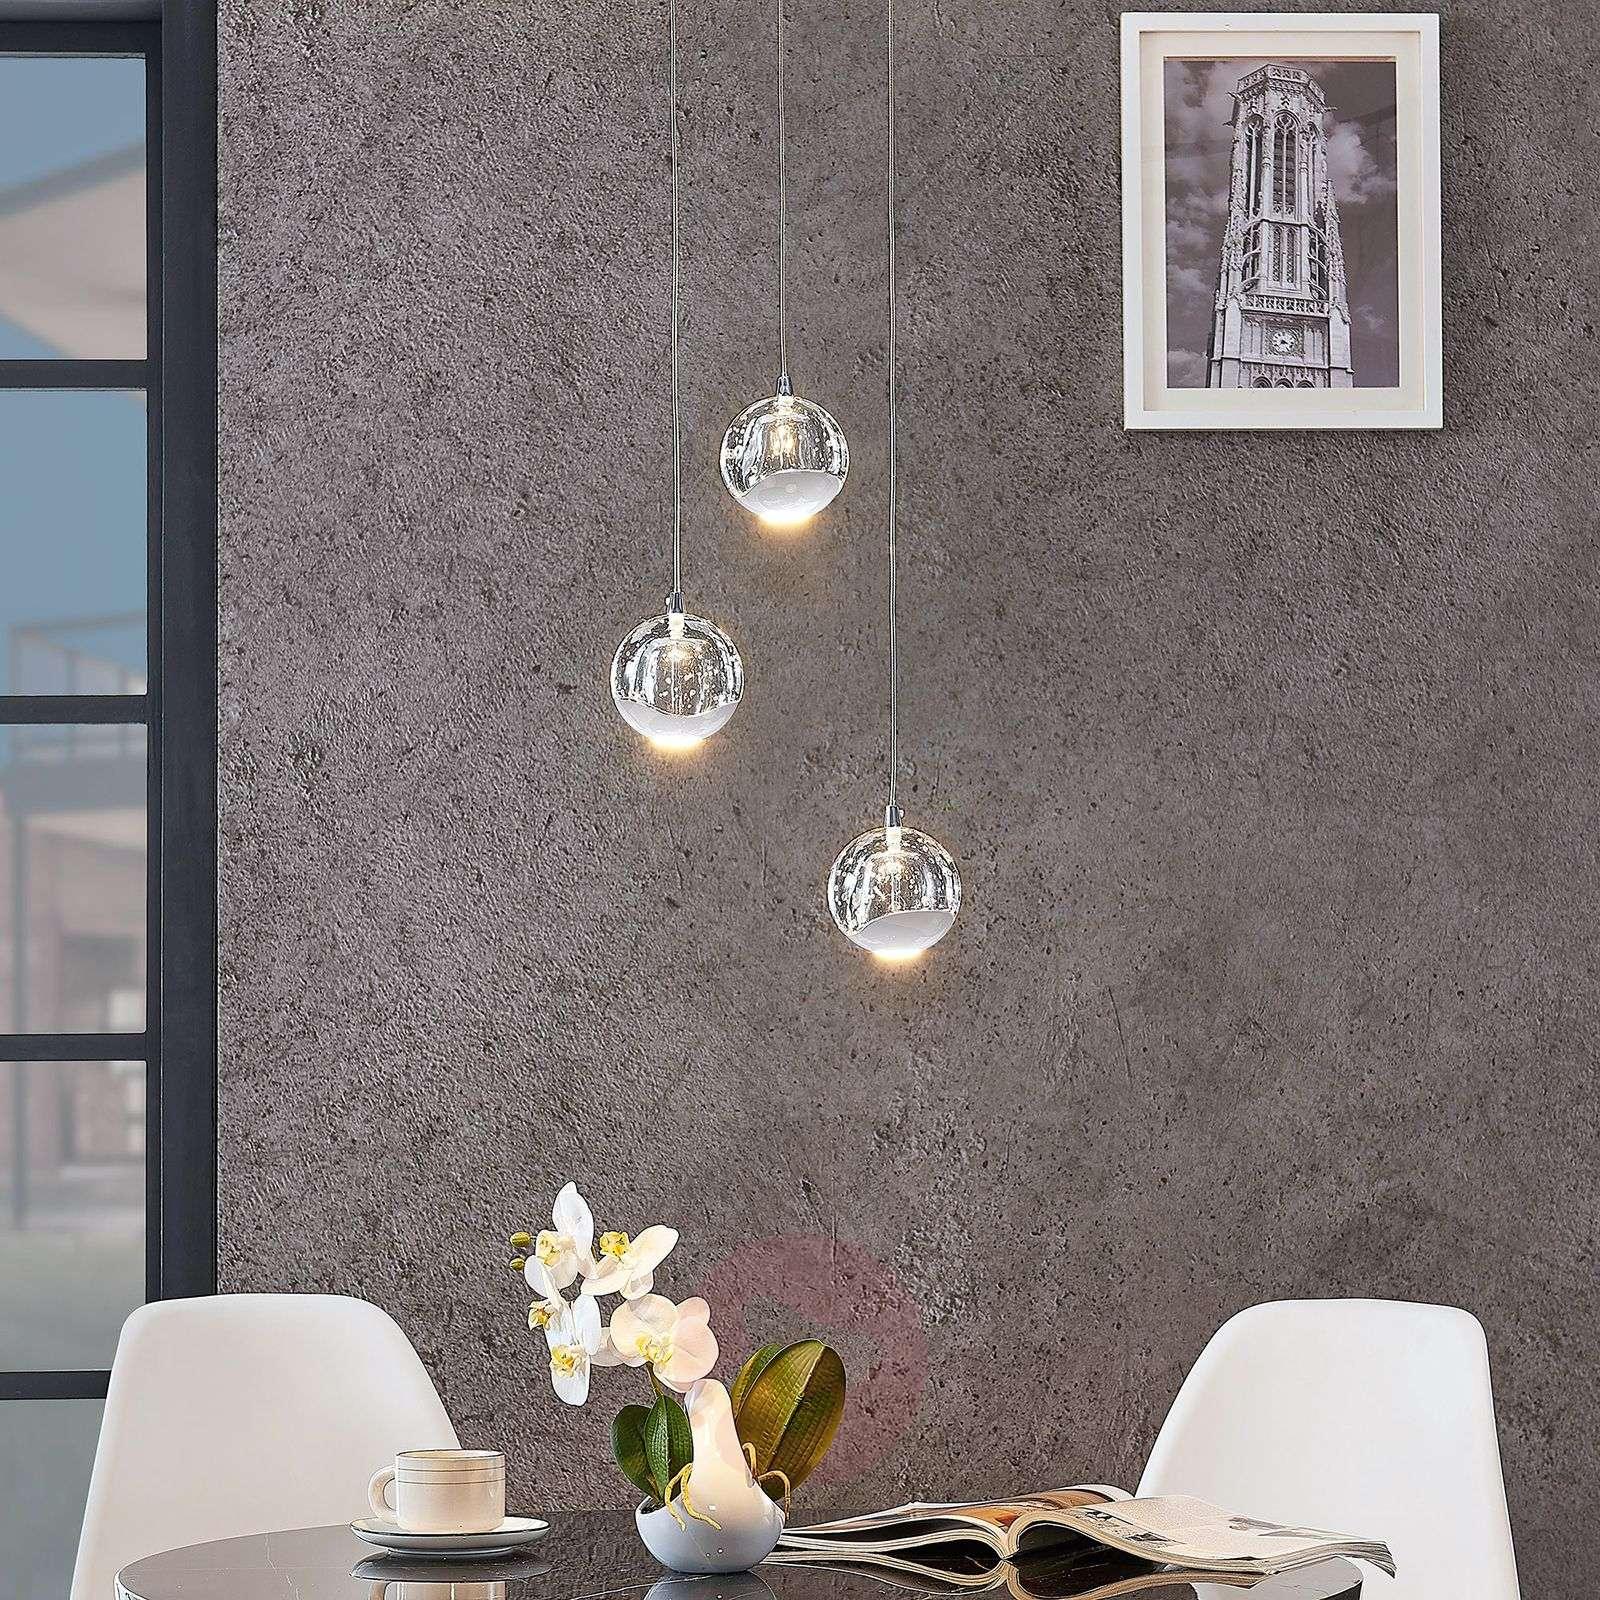 LED-riippuvalo Hayley lasipallot 3-lampp. kromi-9624367-01